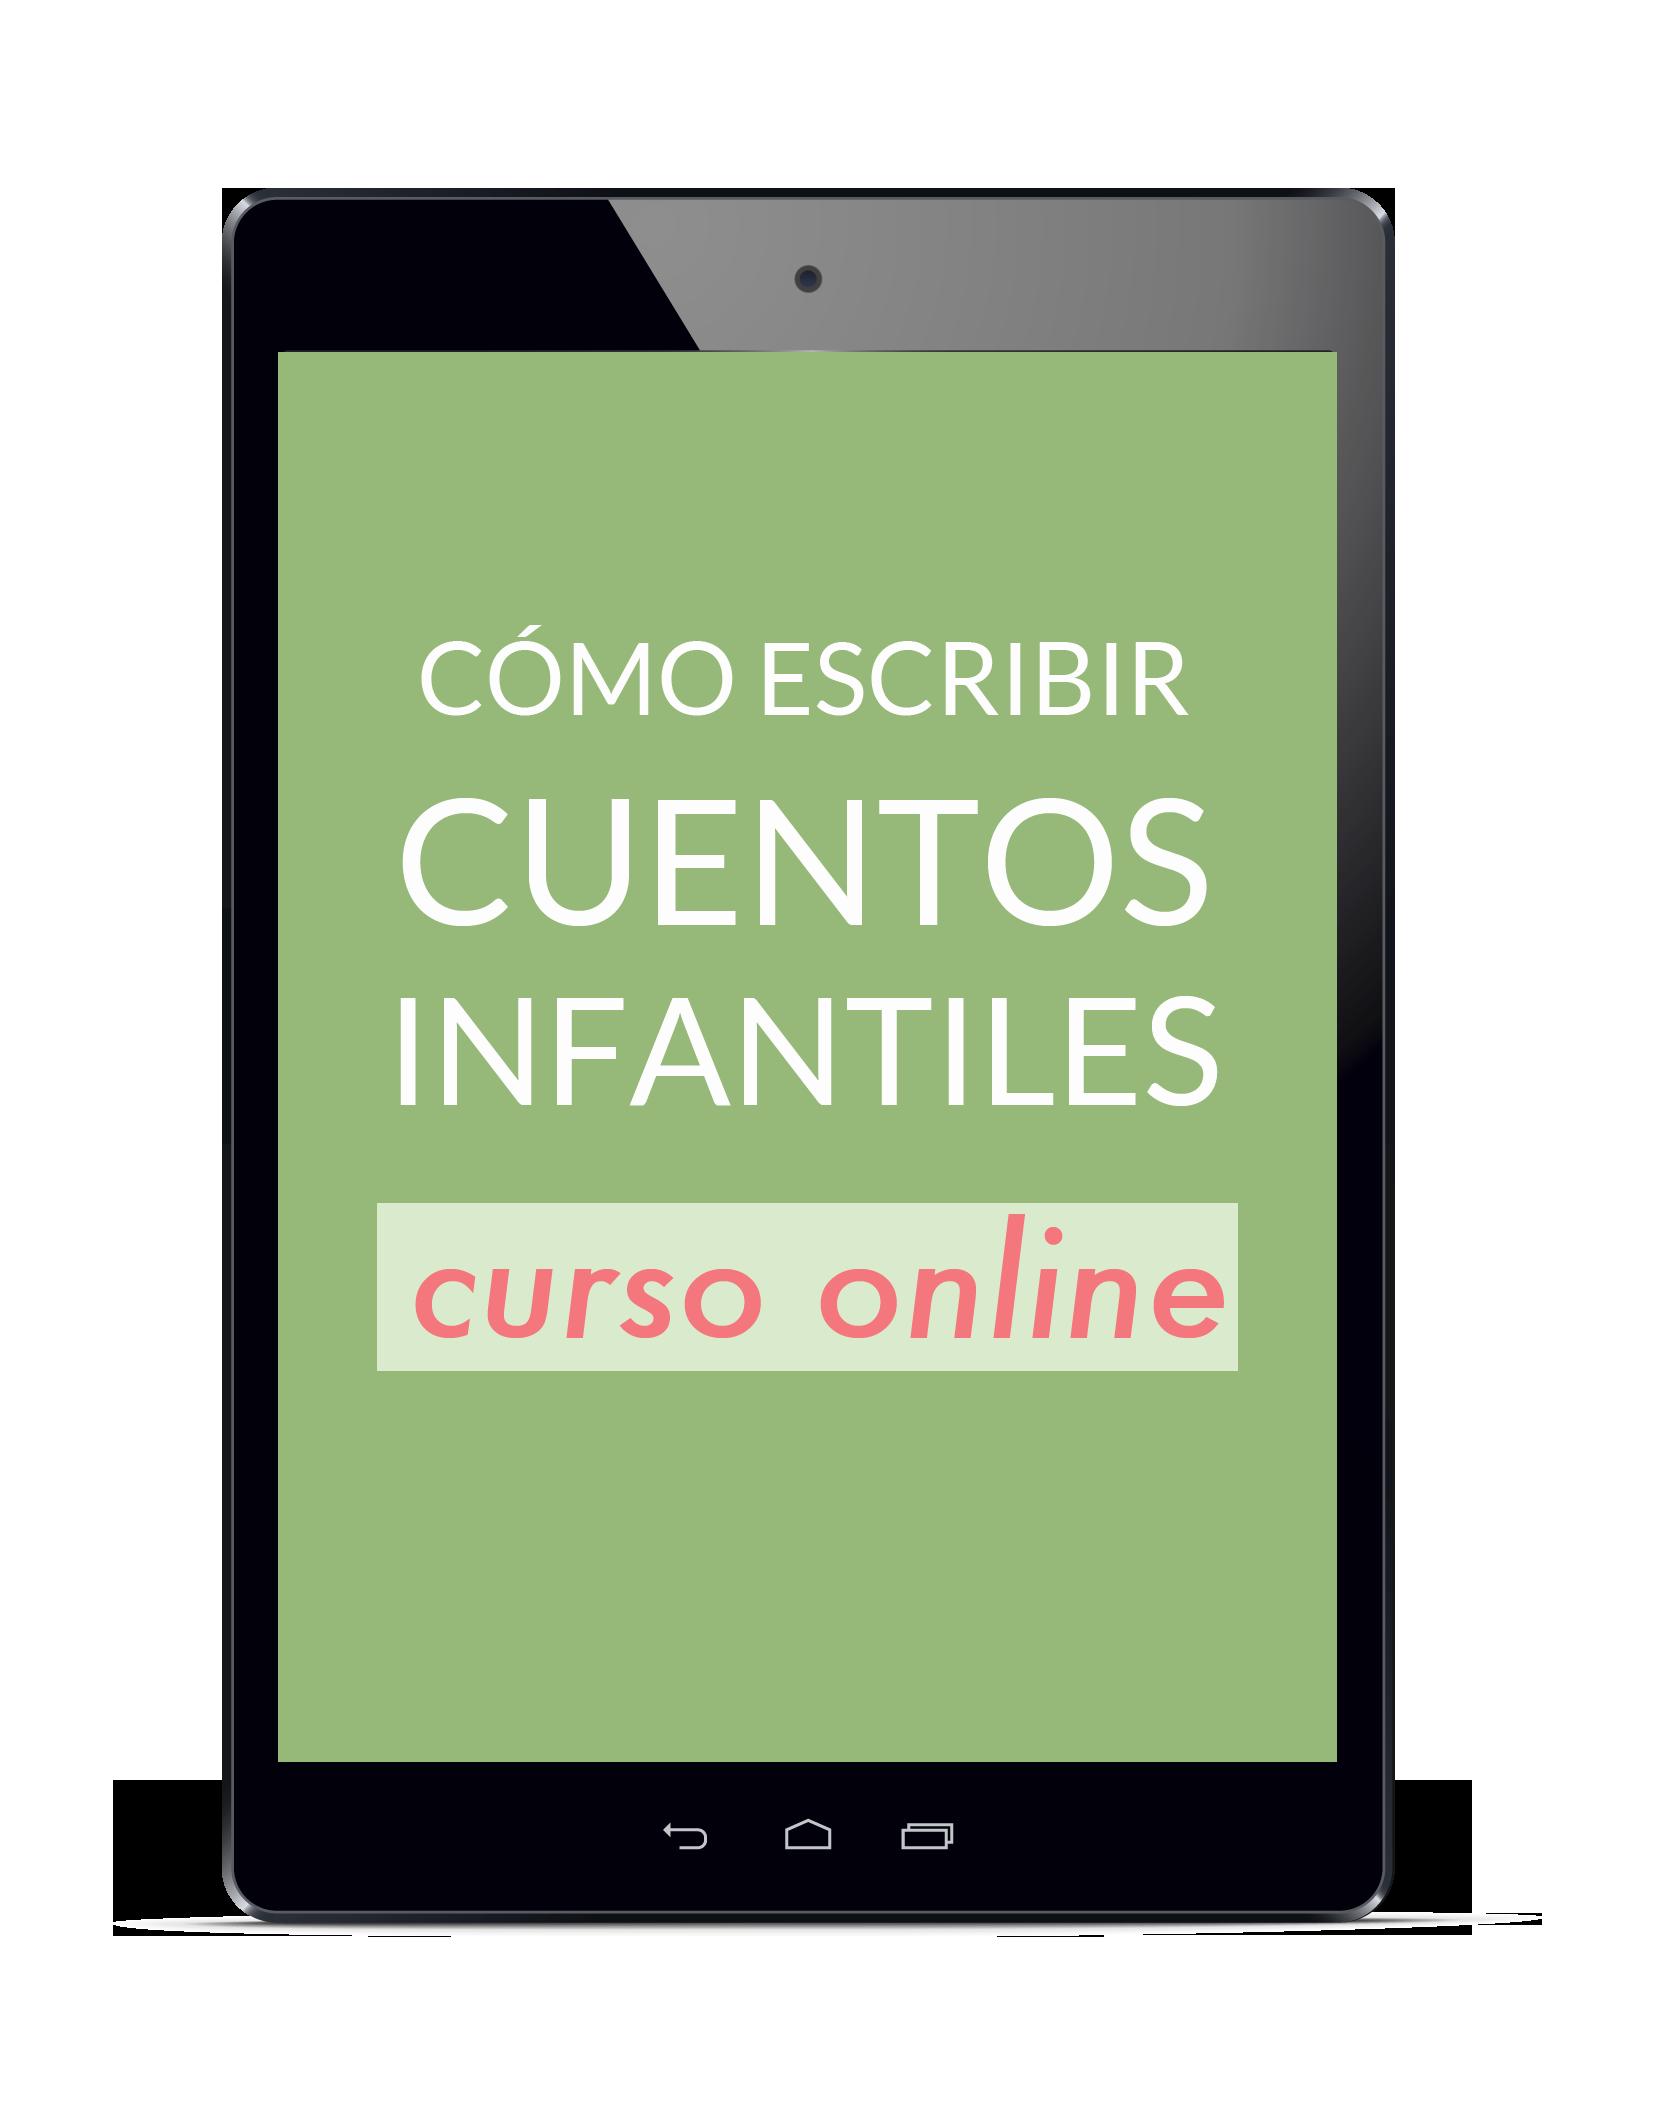 online_curso_escribir_cuento_infantil